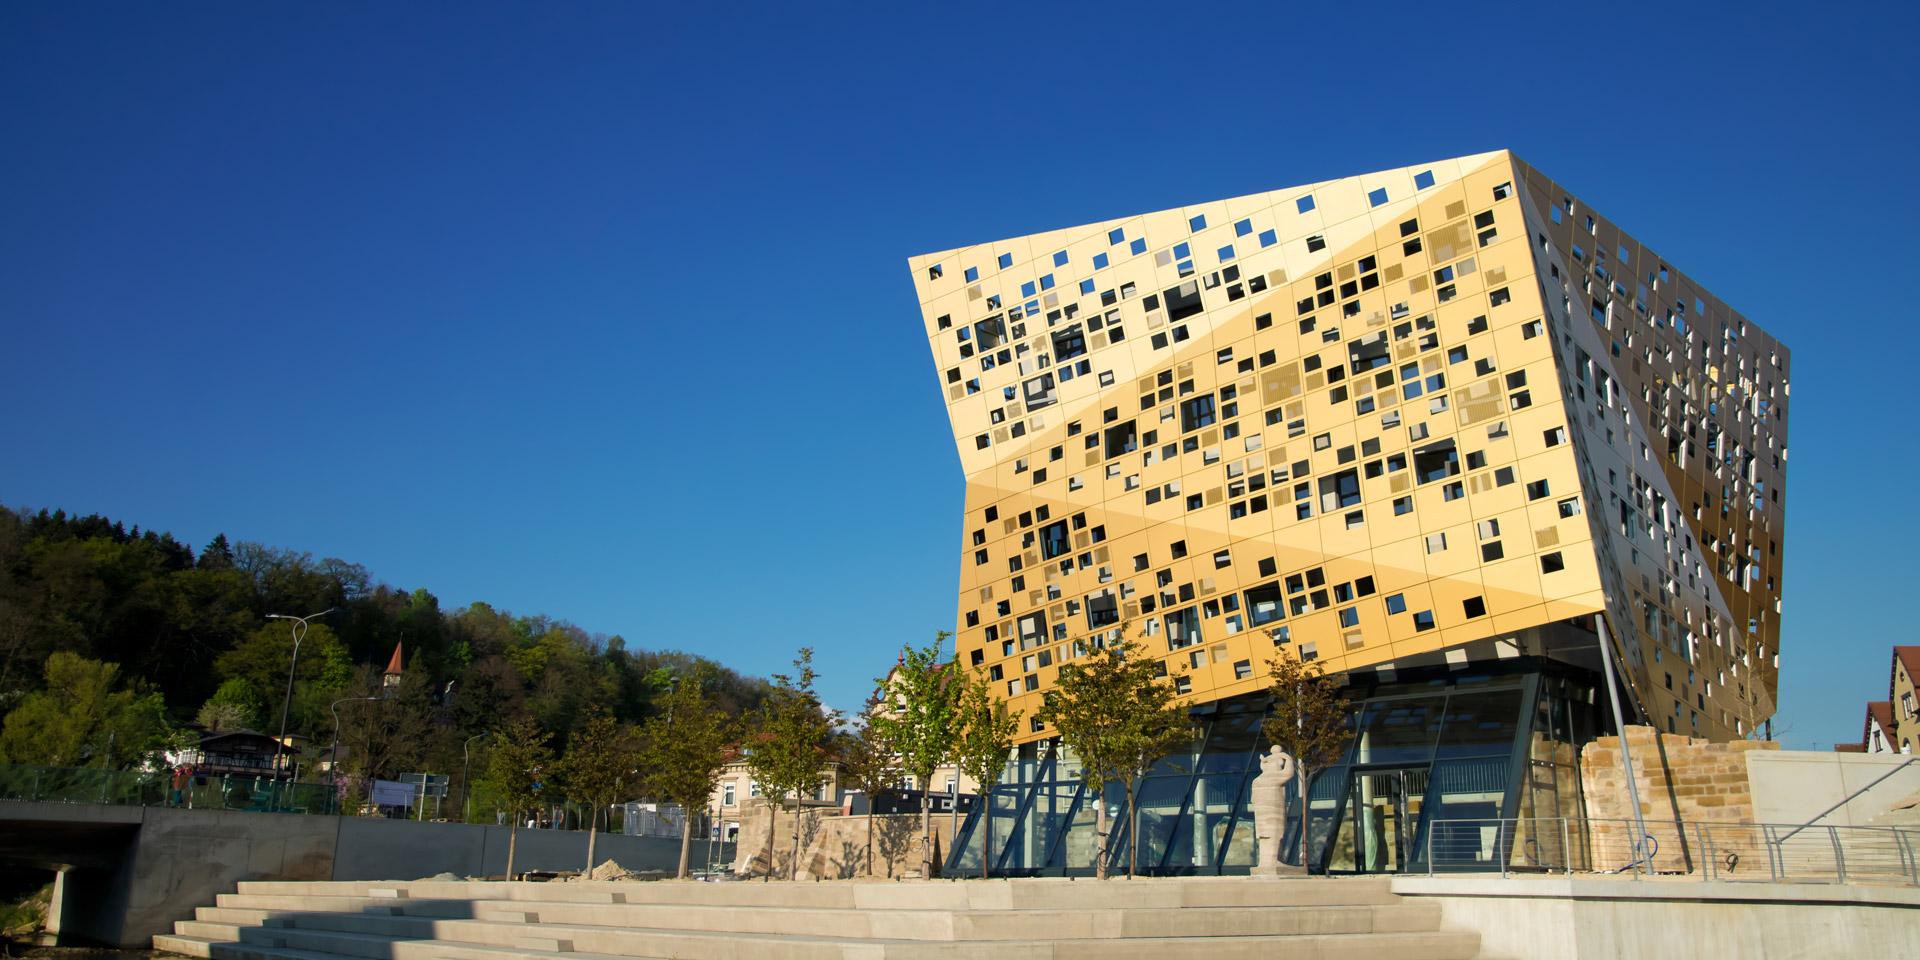 Referenz Forum Gold und Silber Schwäbisch Gmünd. Seit 2014 ist das Gebäude Blickfang und Wahrzeichen in Schwäbisch Gmünd.